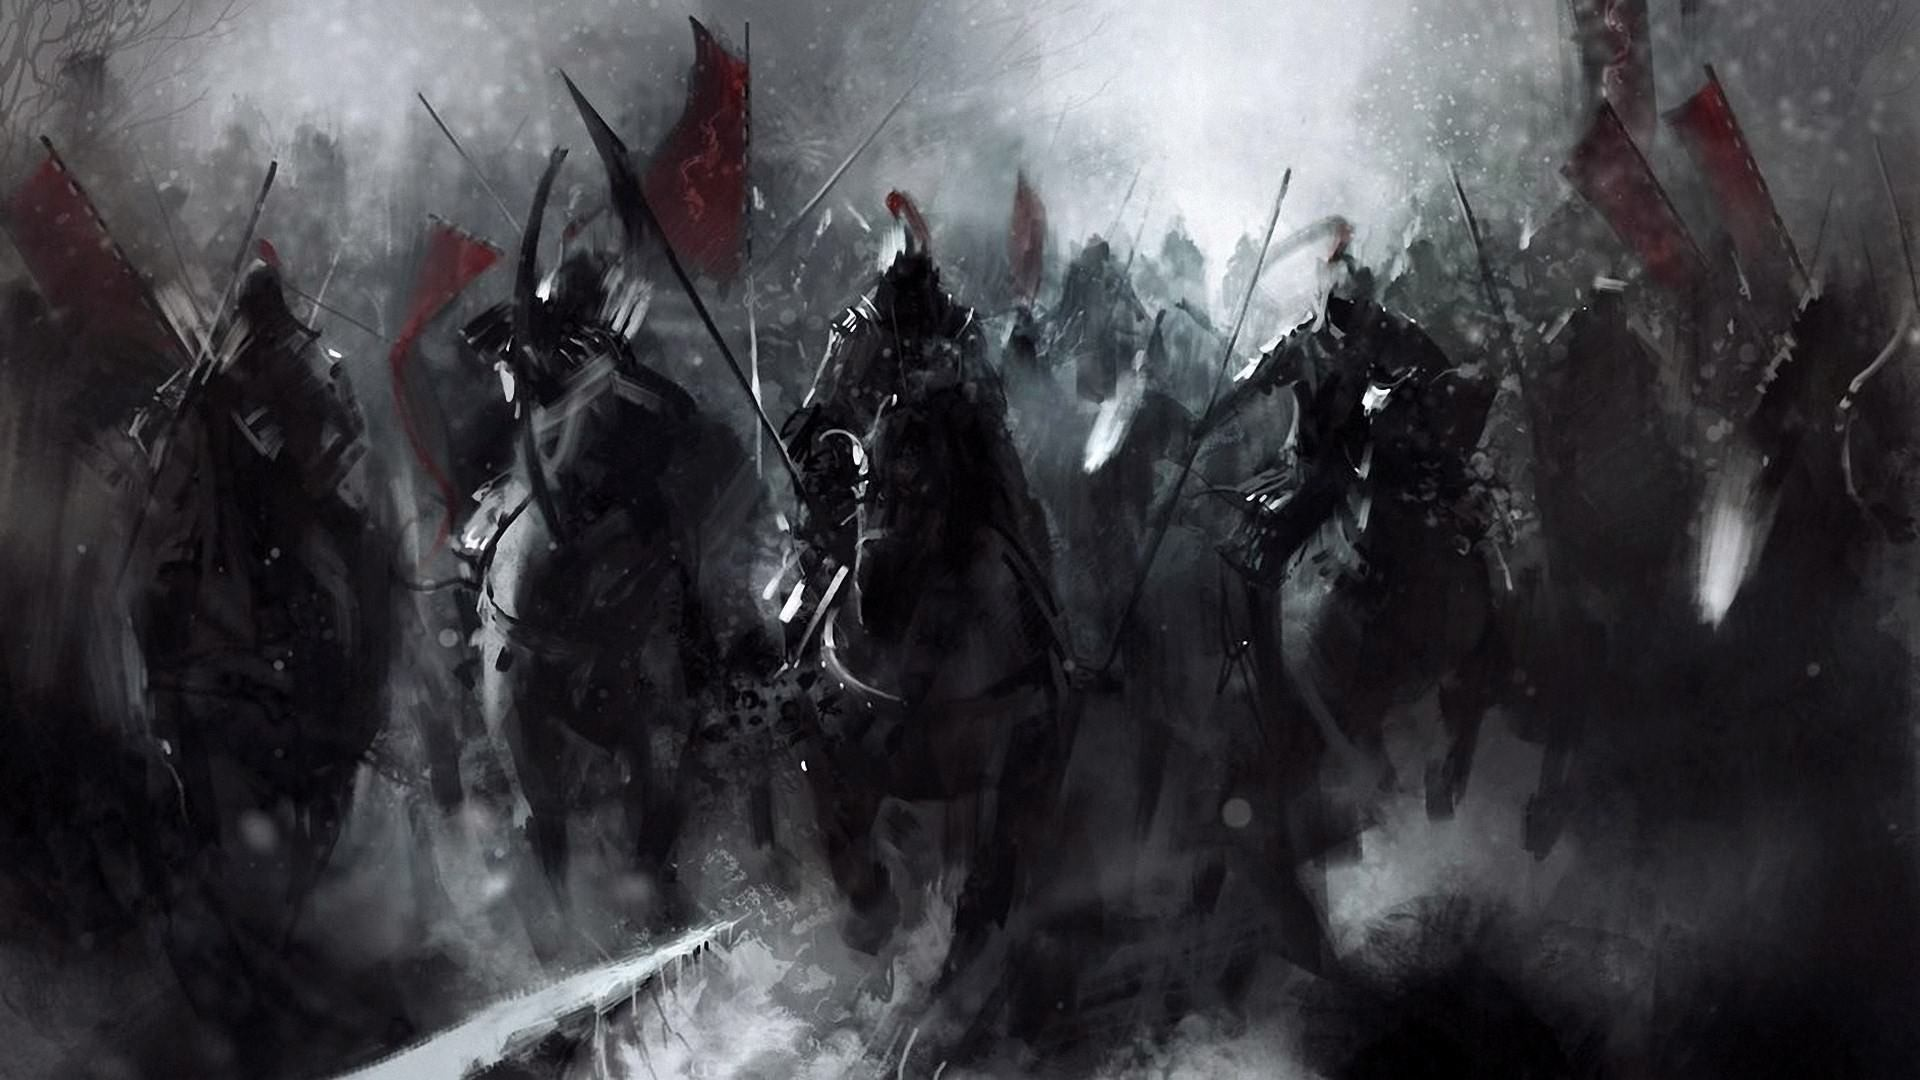 Dark Fantasy Horsemen Wallpaper